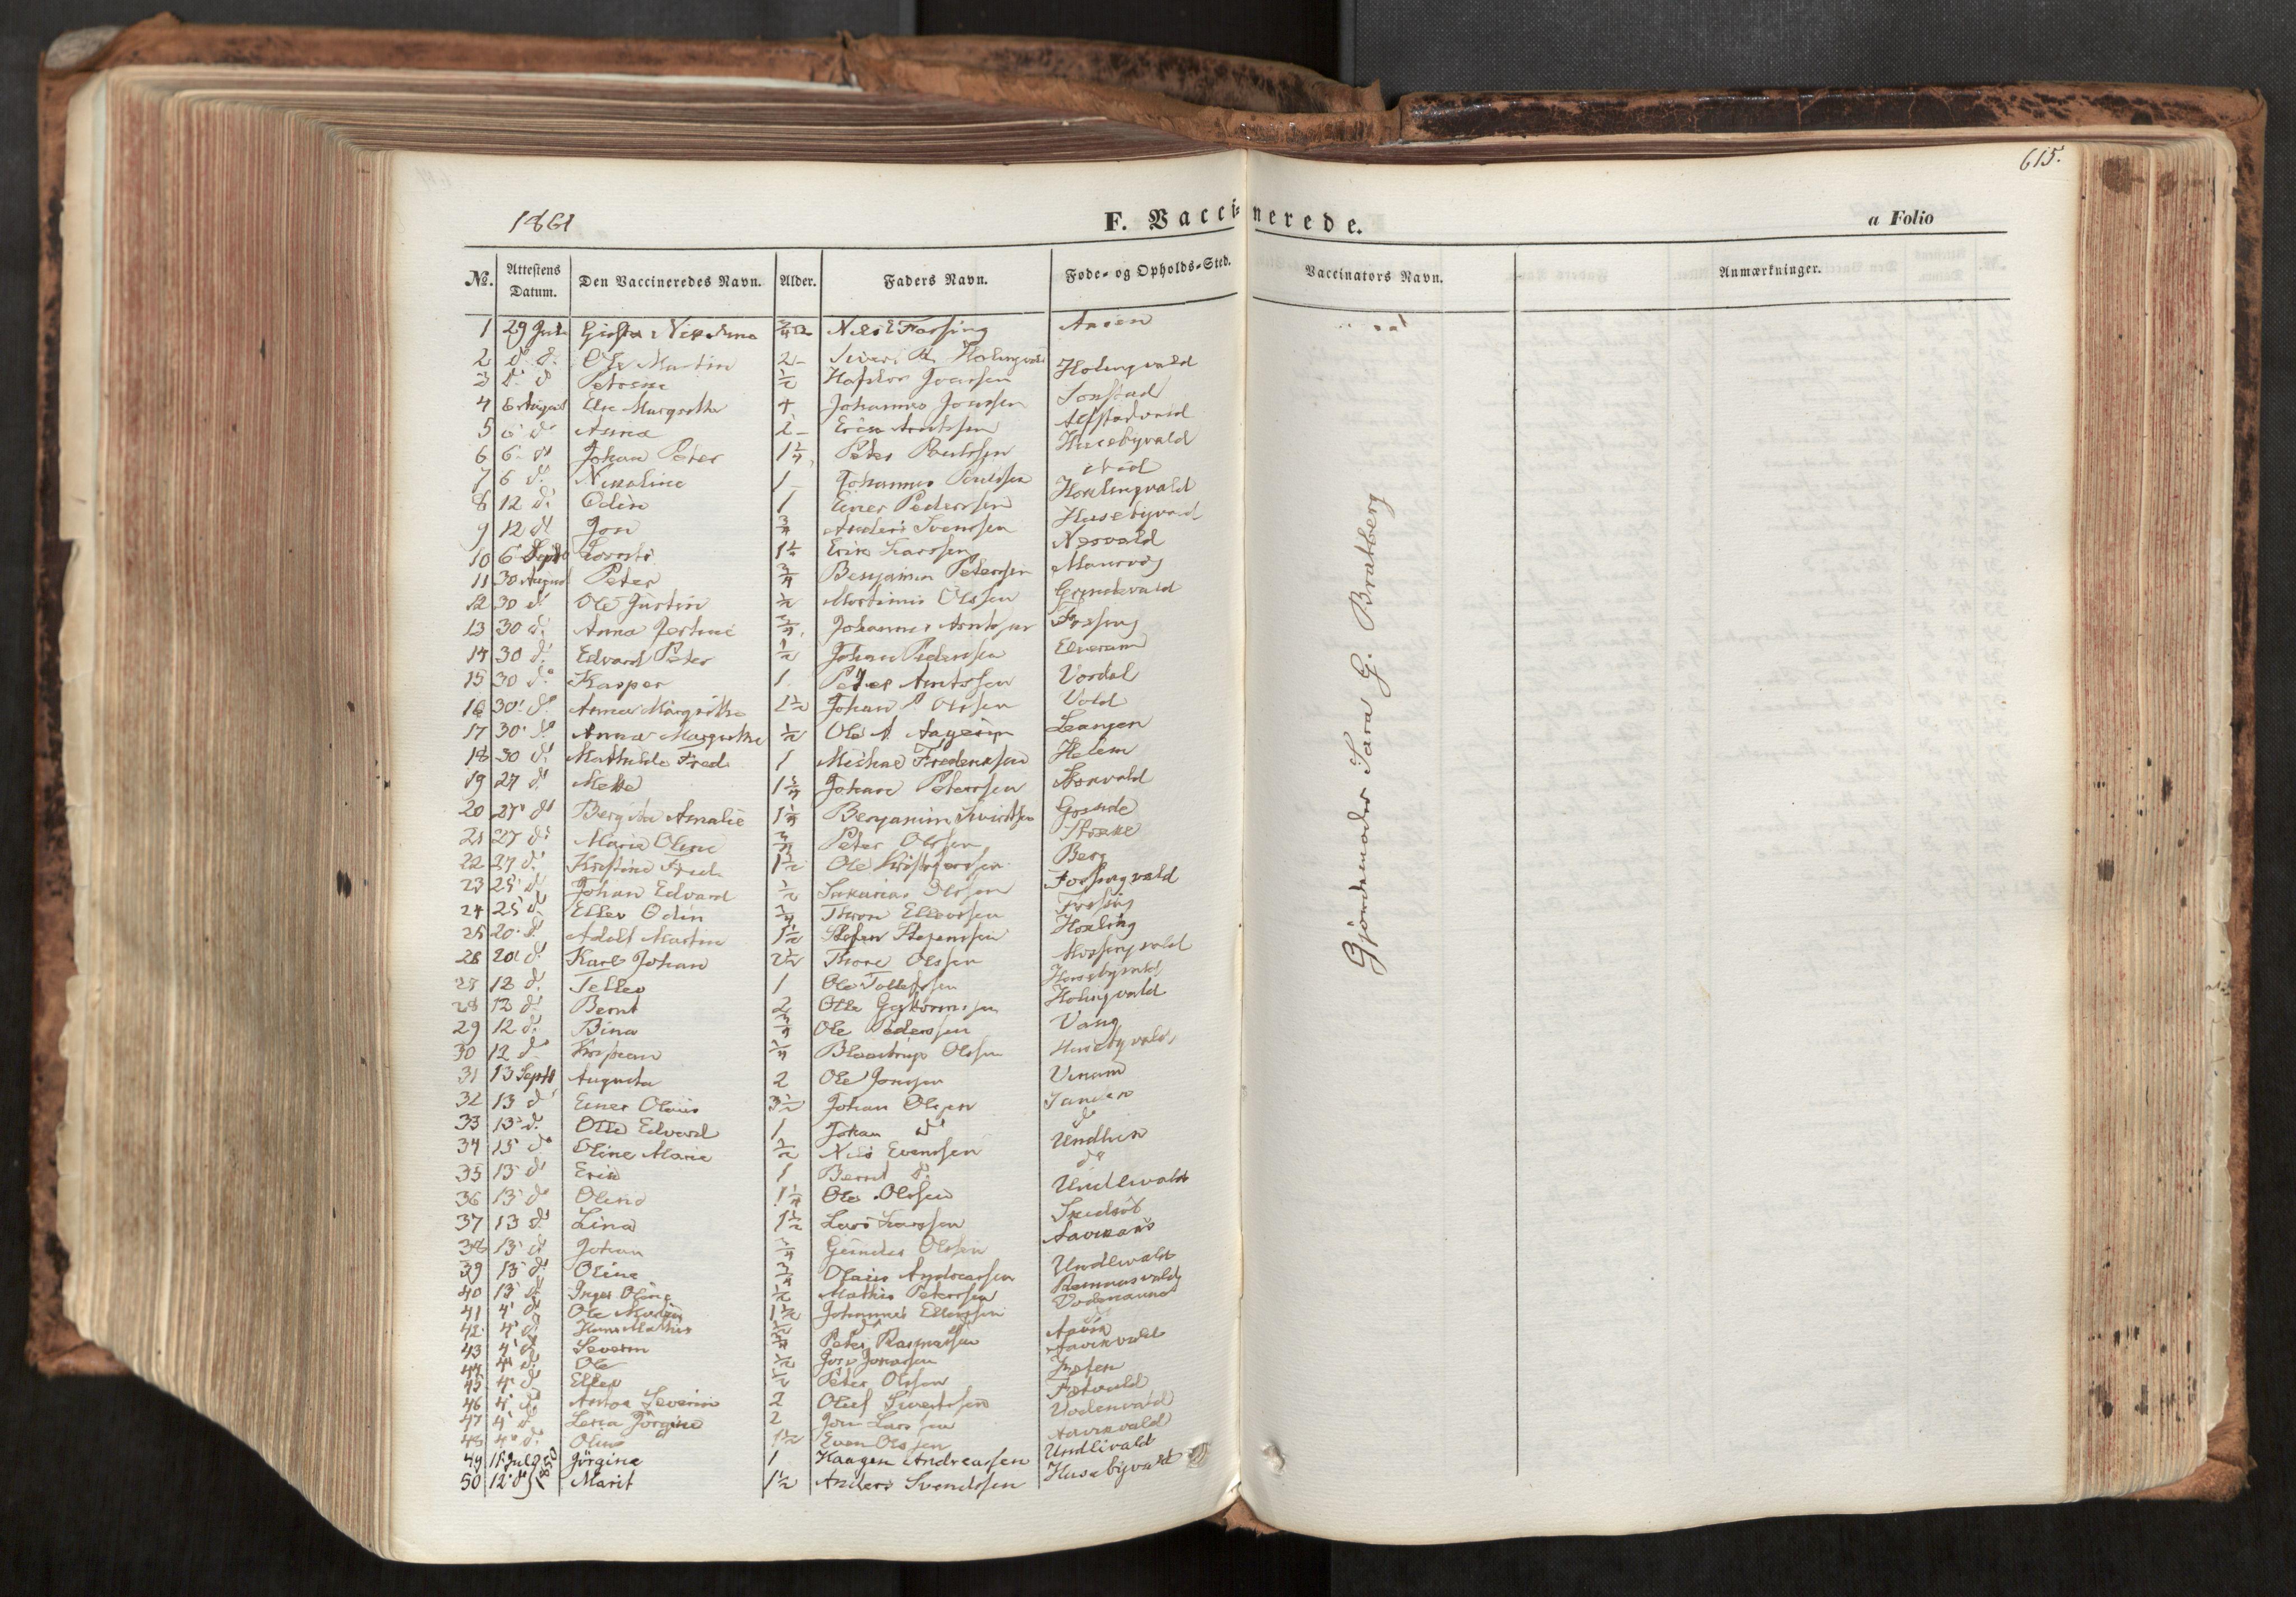 SAT, Ministerialprotokoller, klokkerbøker og fødselsregistre - Nord-Trøndelag, 713/L0116: Ministerialbok nr. 713A07, 1850-1877, s. 615